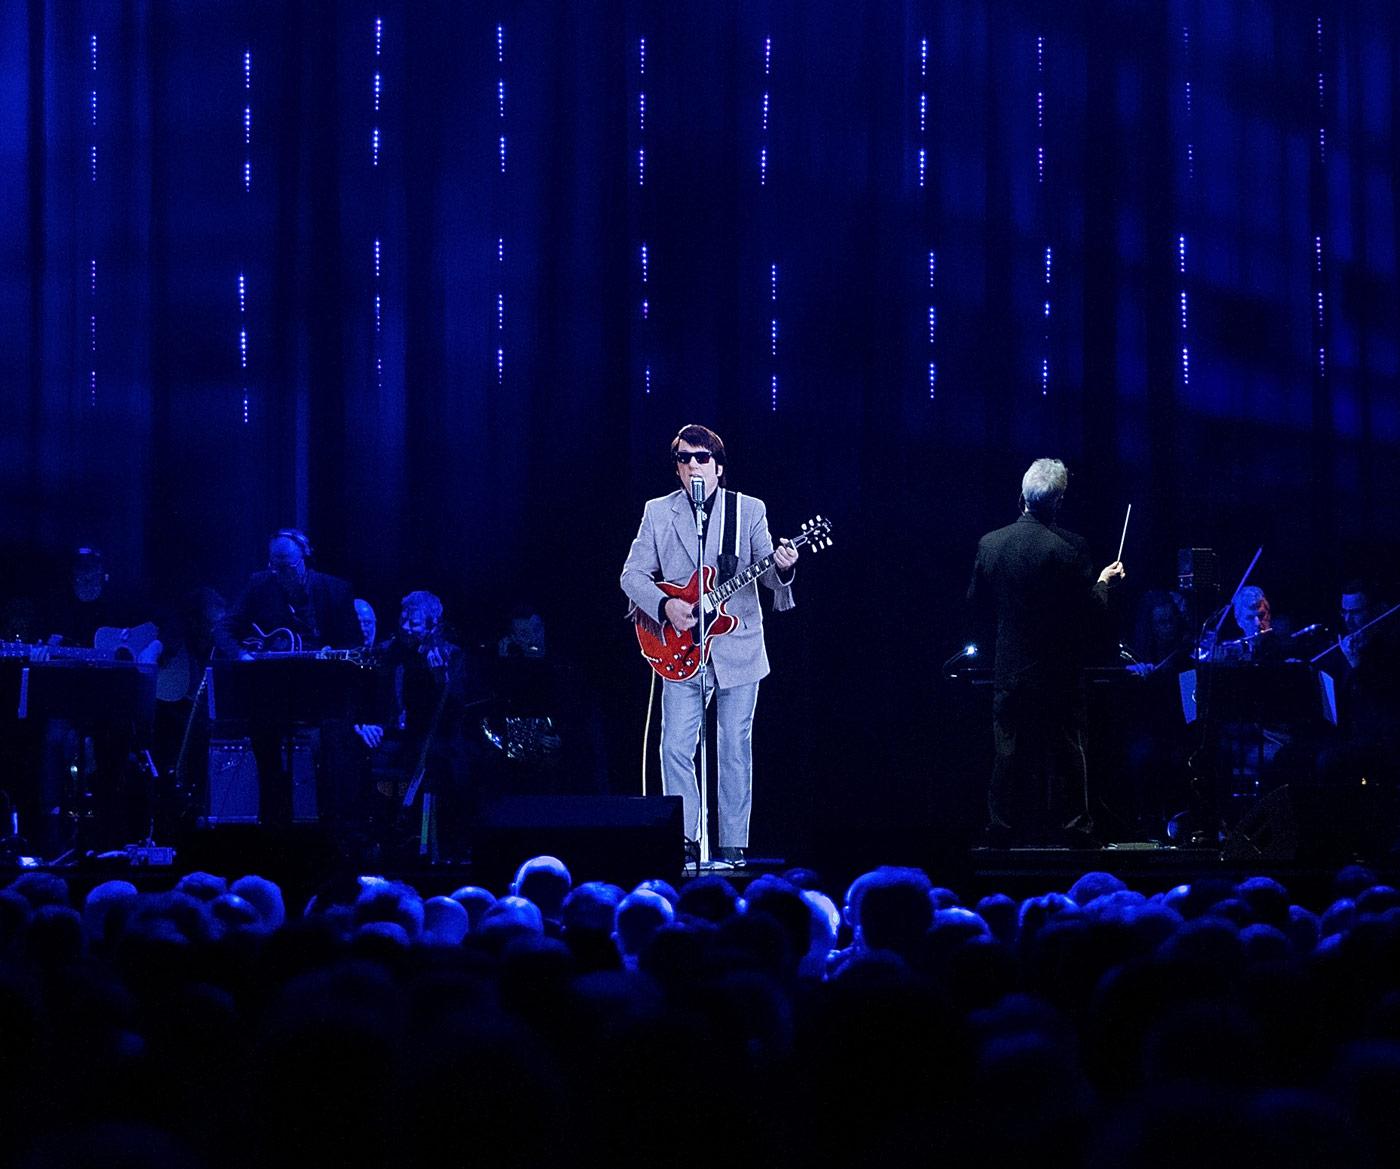 hologram of a singer on stage